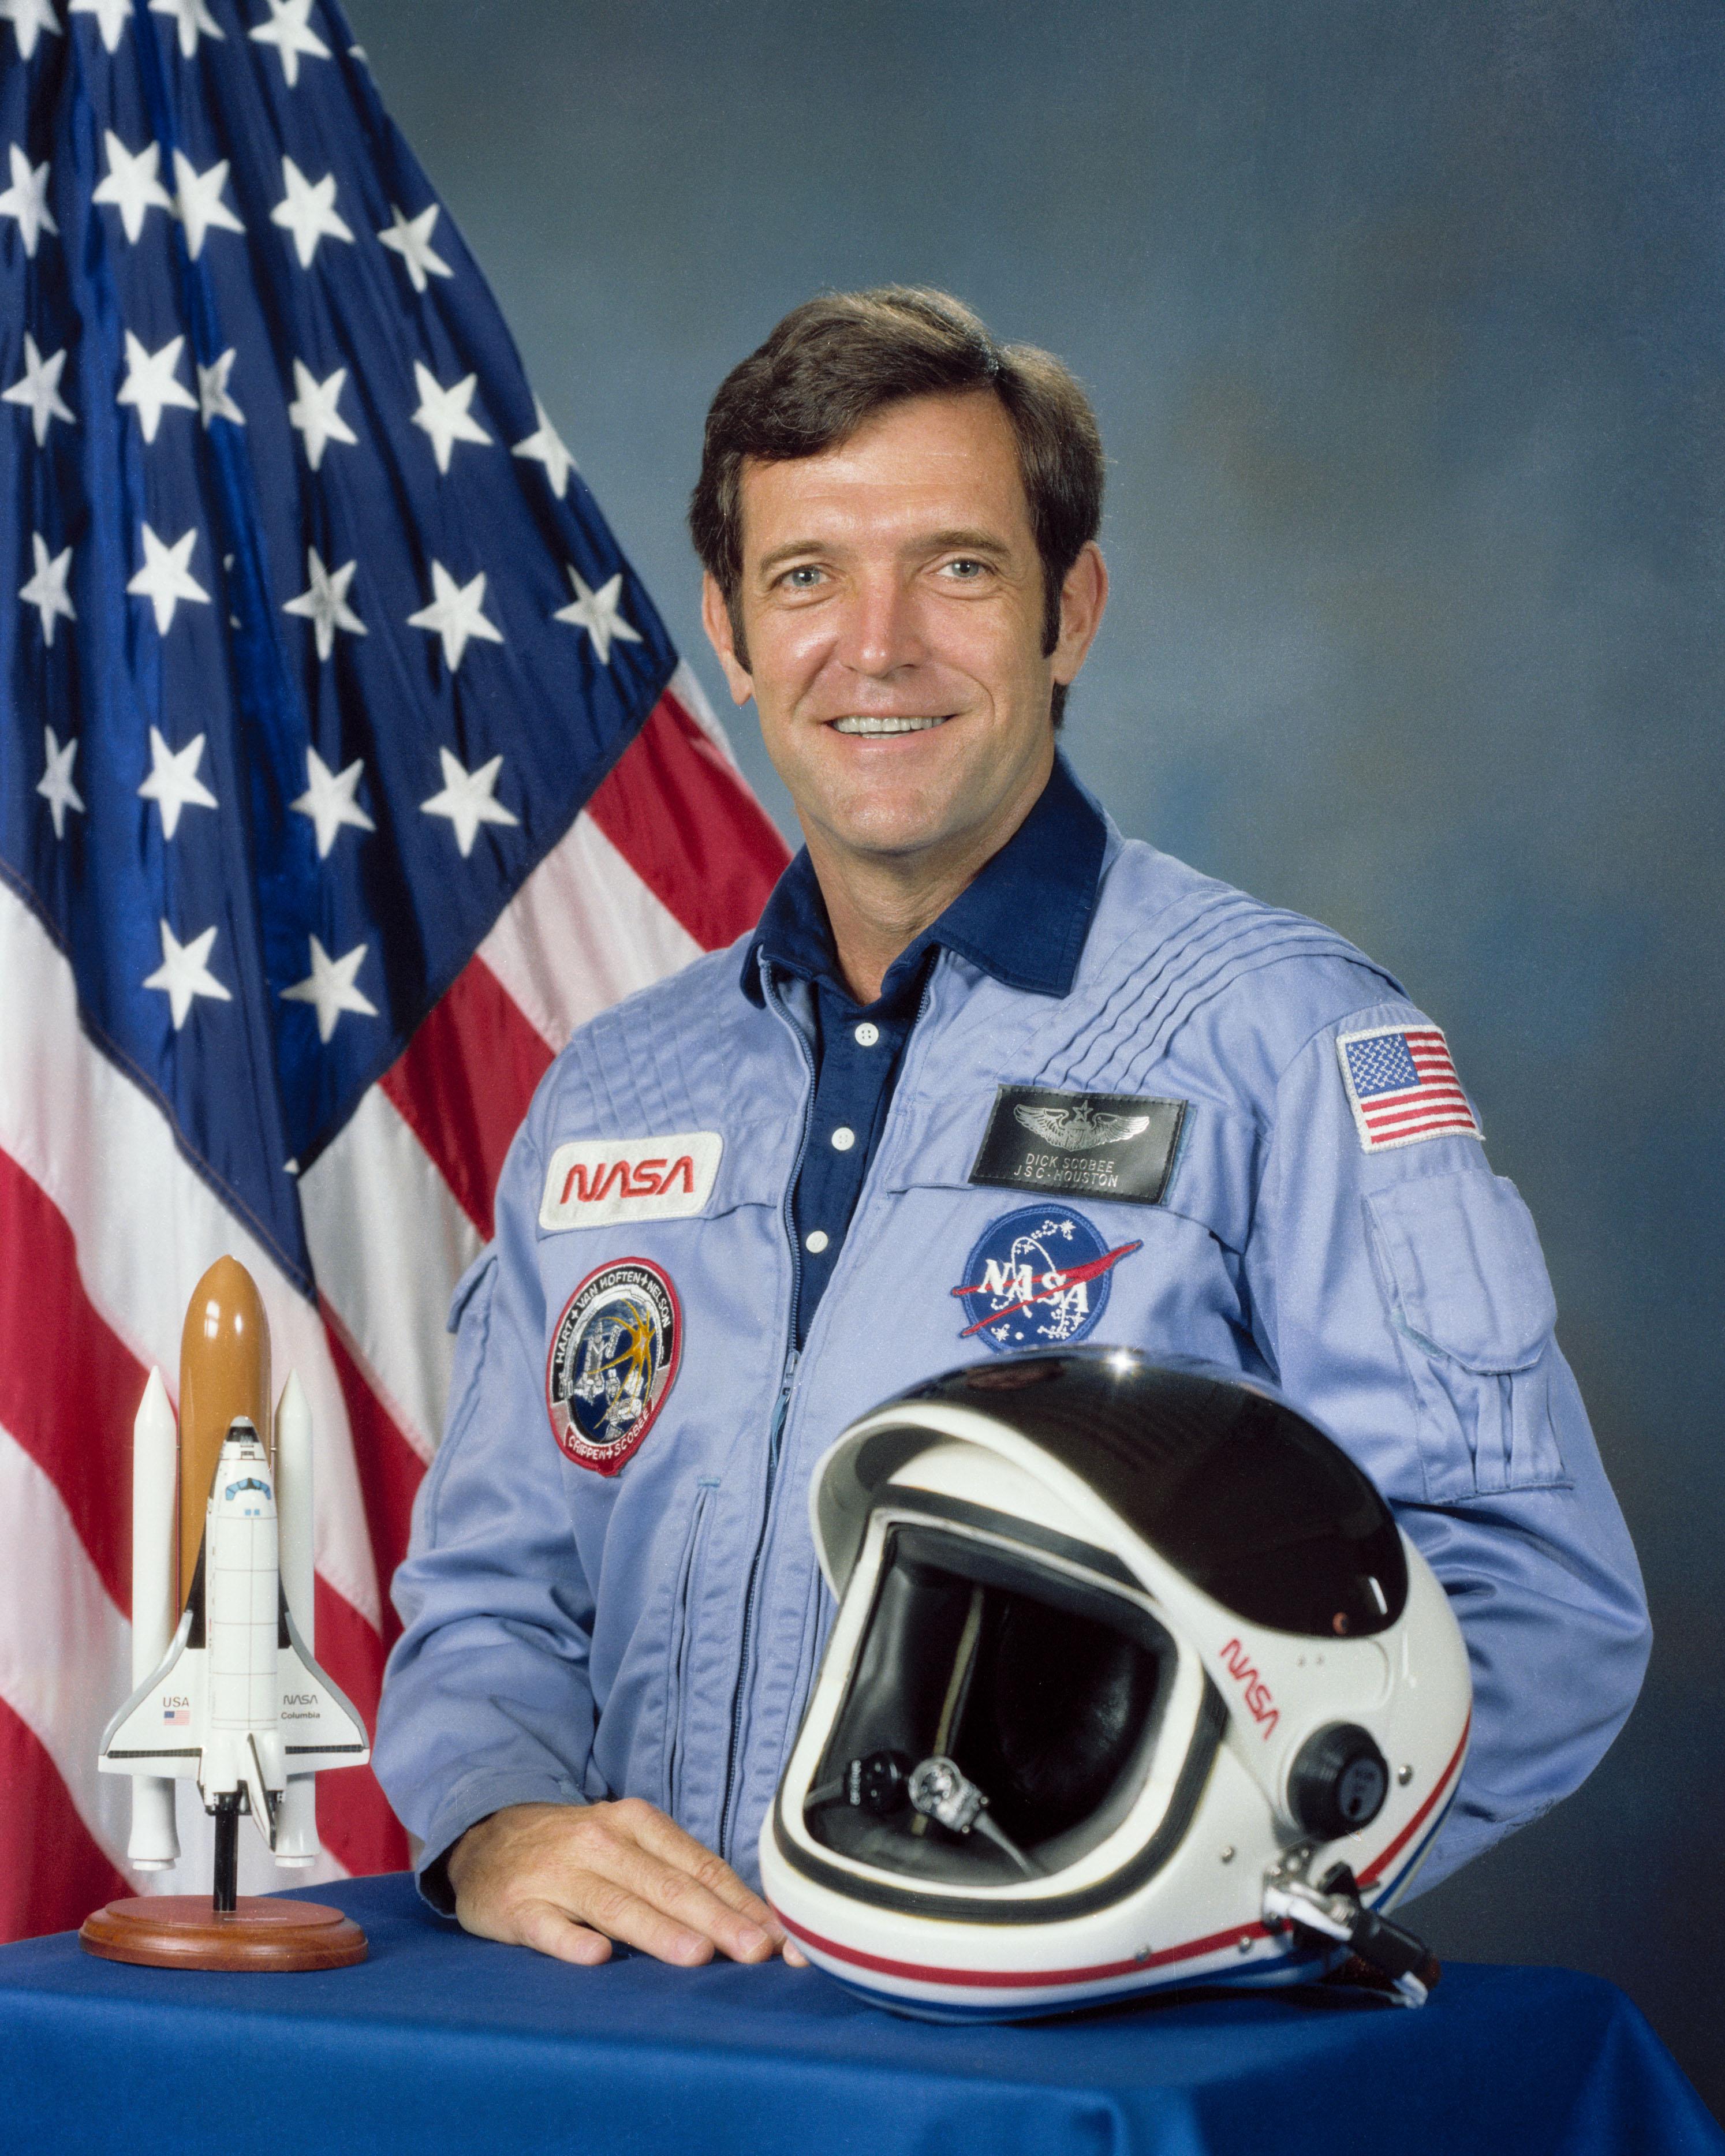 Dead Challenger Astronaut Dick Scobee Alive on Facebook ...